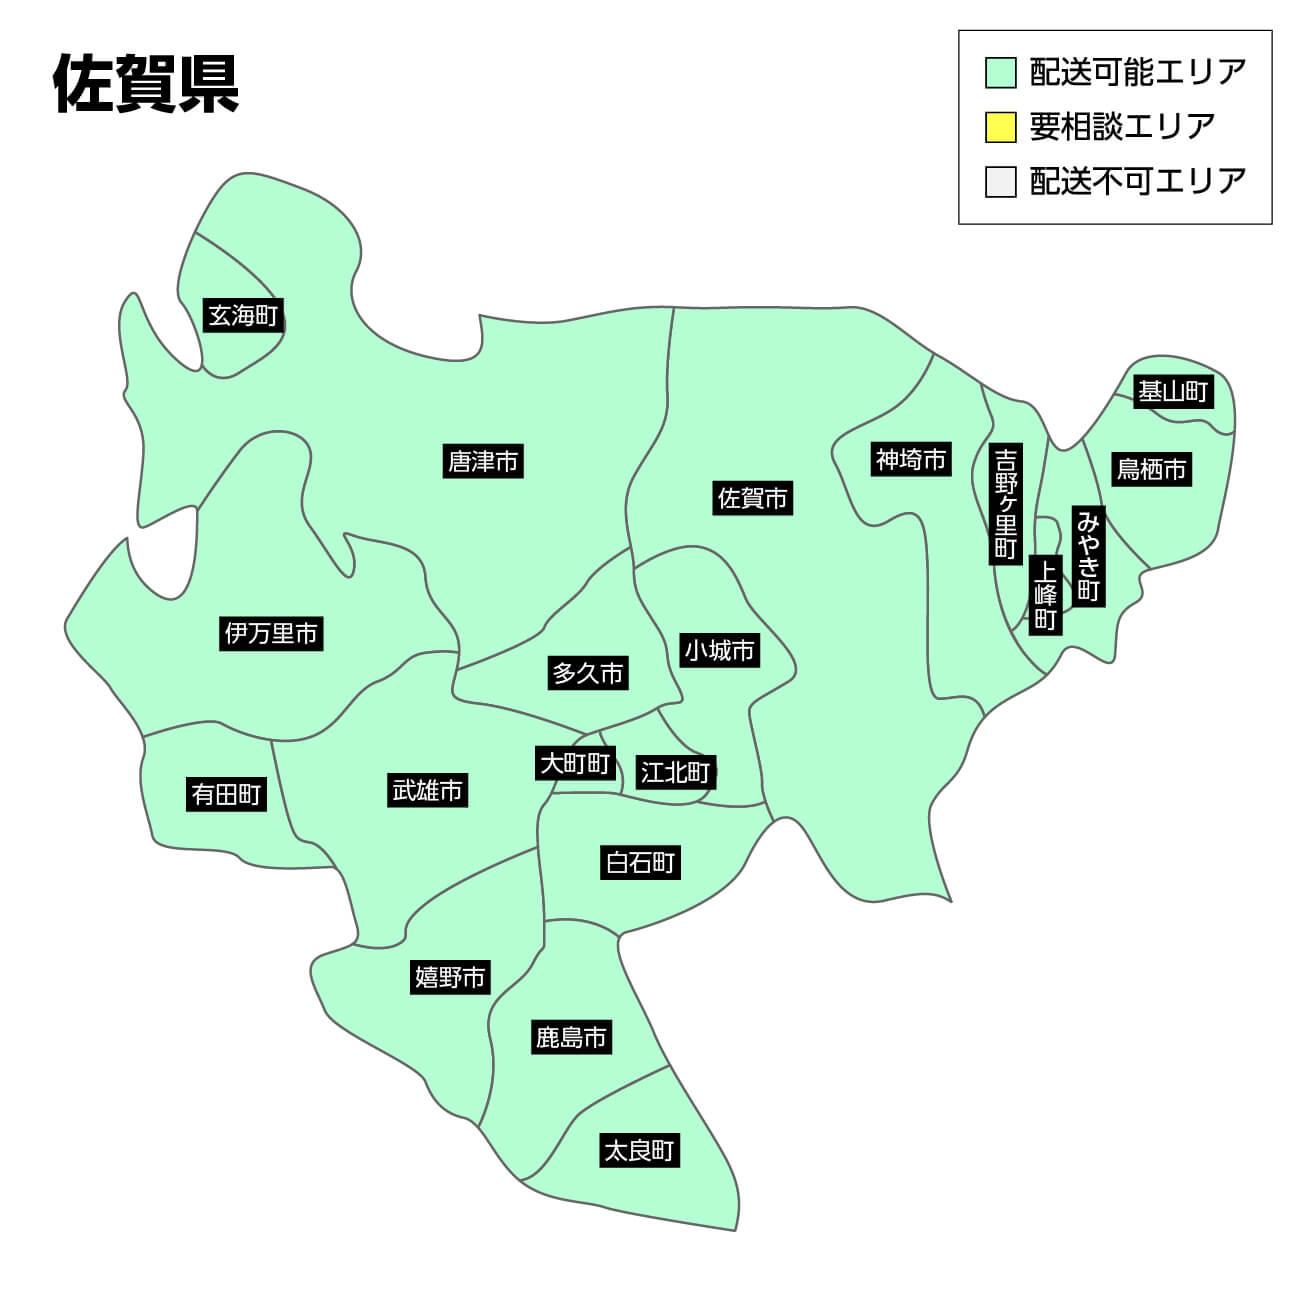 佐賀県の集荷可能エリア